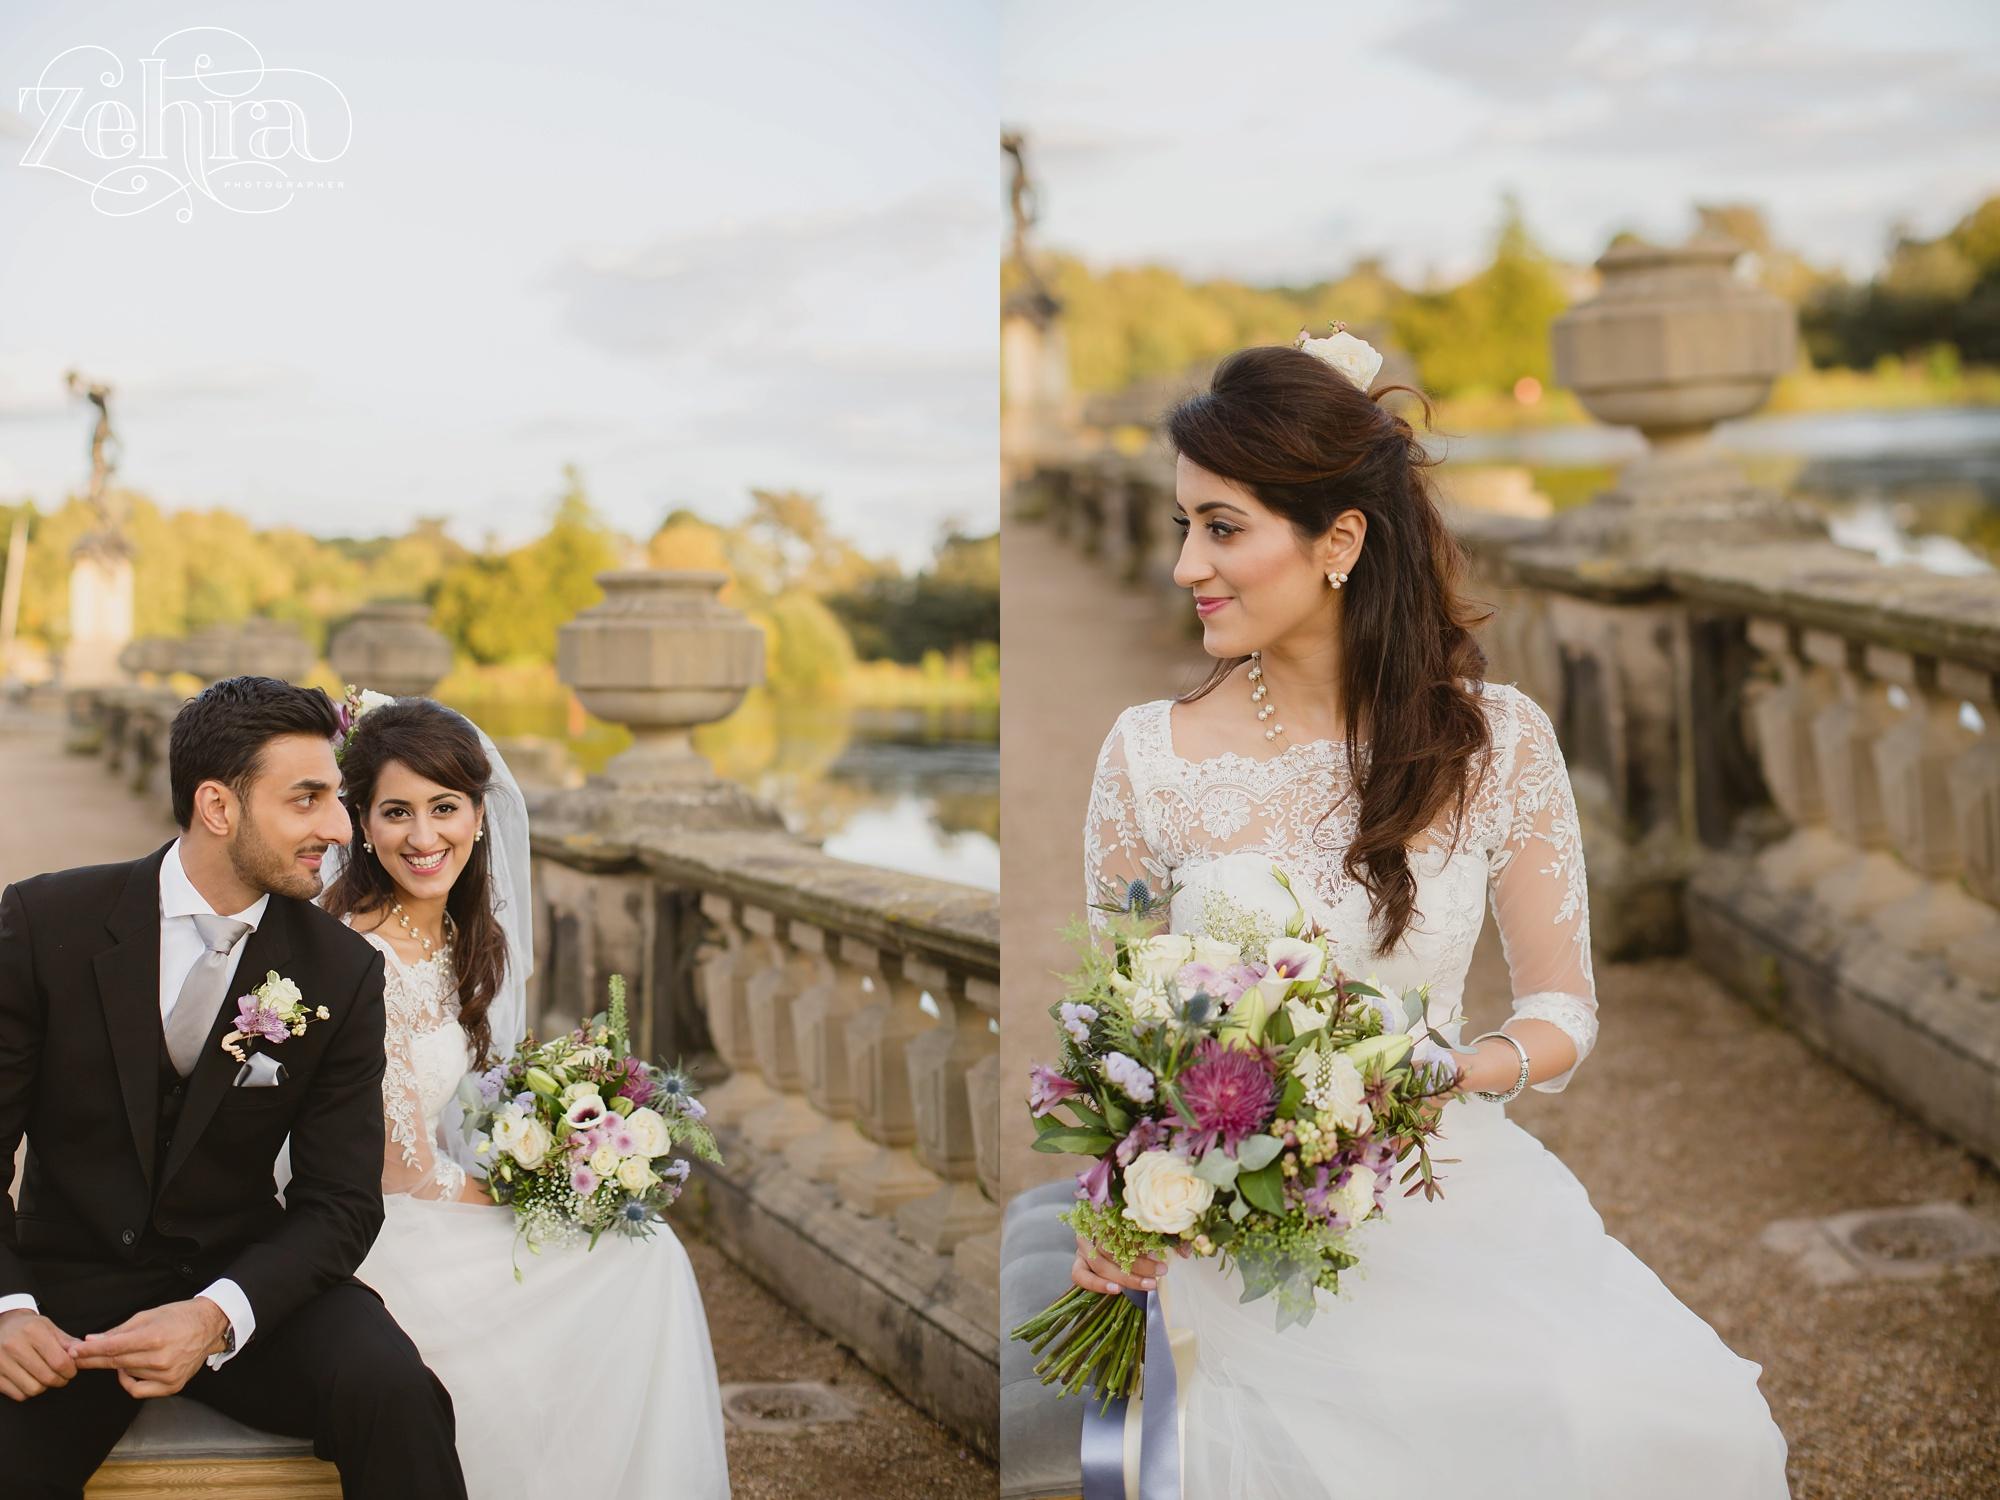 zehra photographer hira hashim prewed 2_0029.jpg